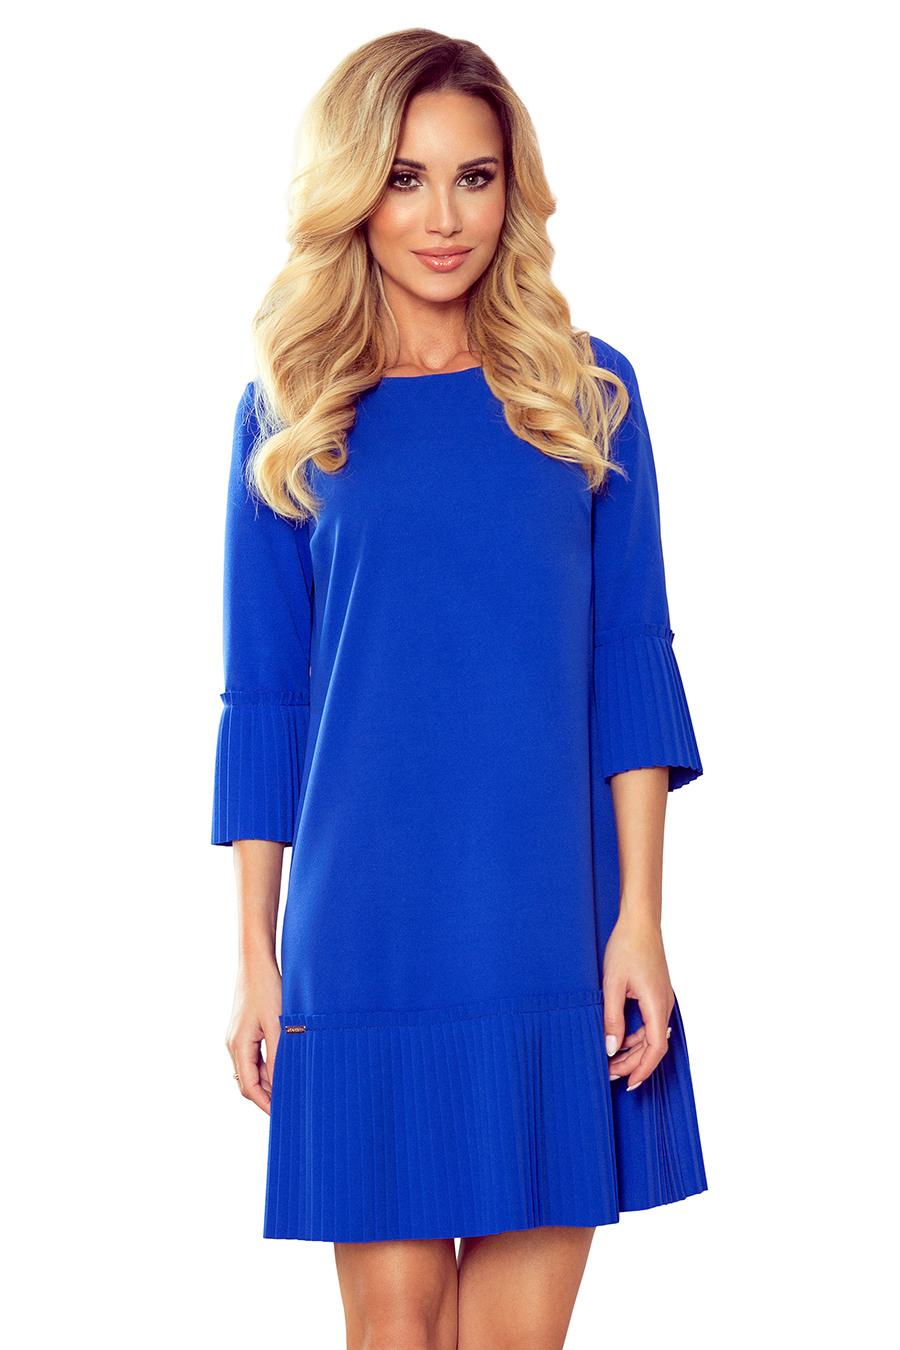 2288 Lucy  Plissiertes Bequemes Kleid  Blau  Numoco De